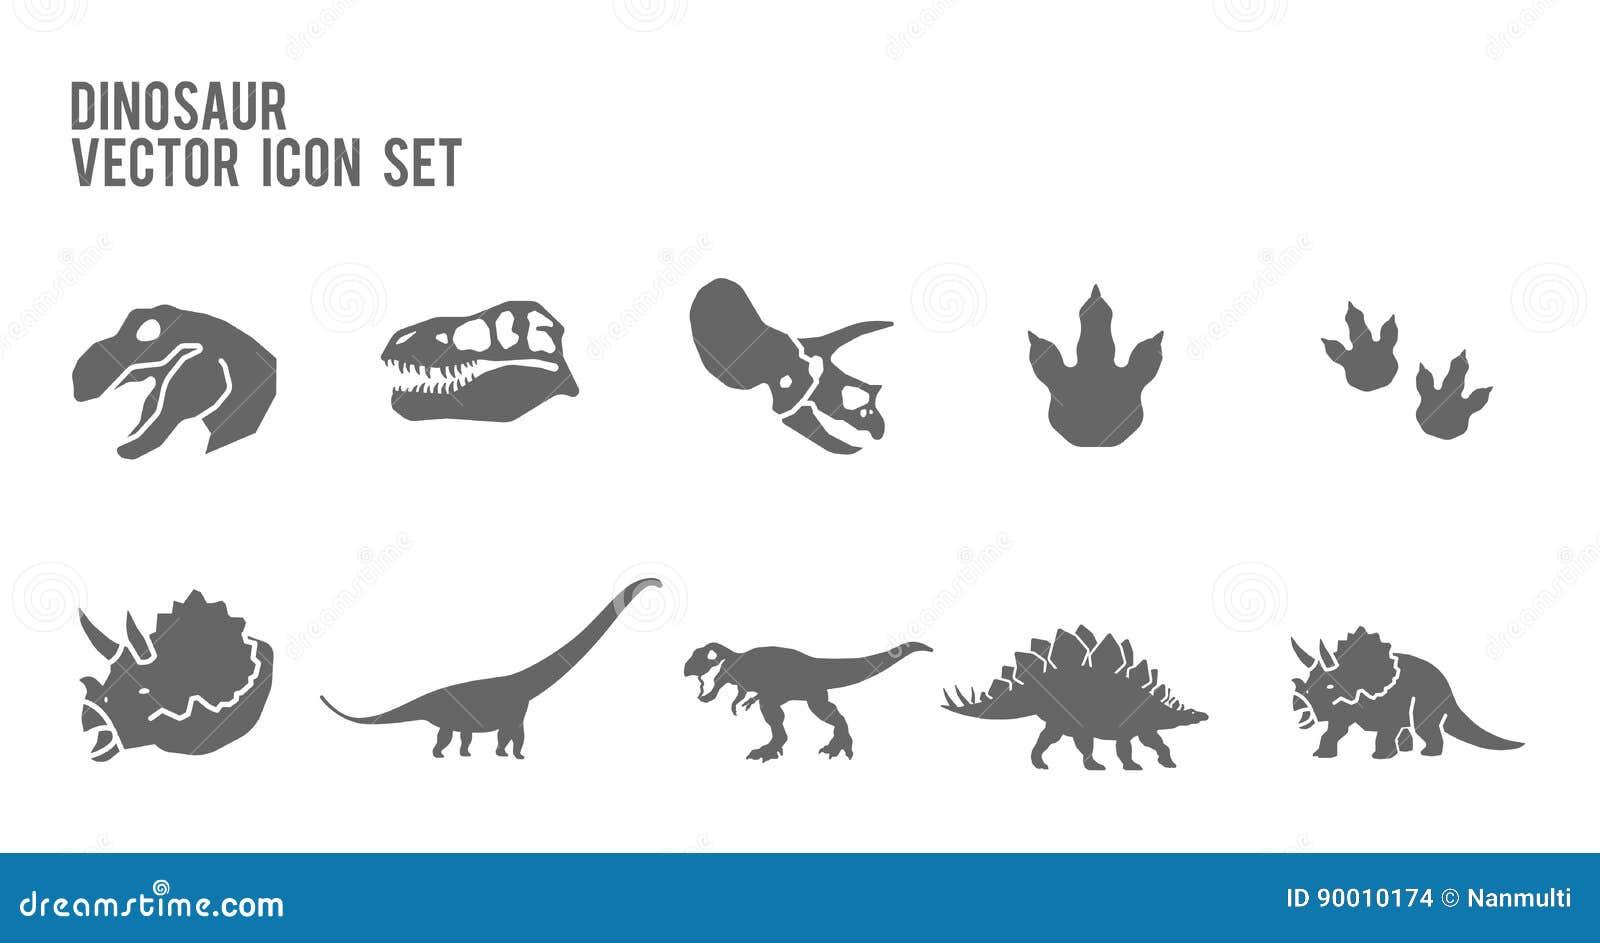 Комплект значка вектора динозавра каркасный ископаемый